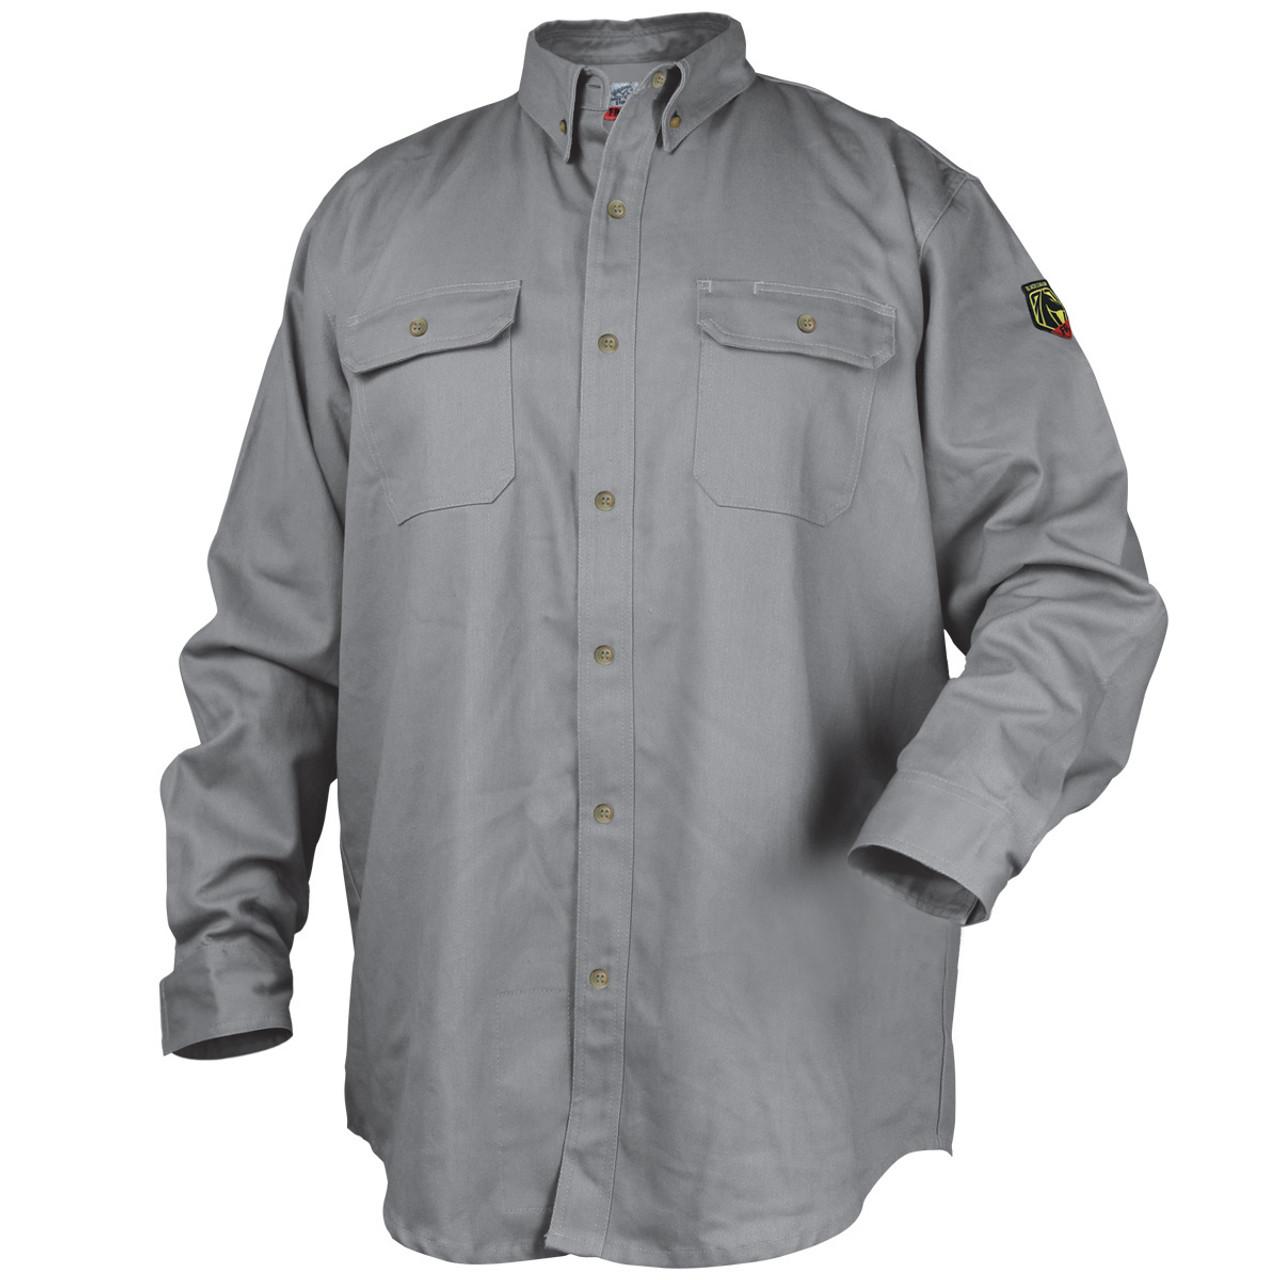 Fr Cotton Work Shirt Gray